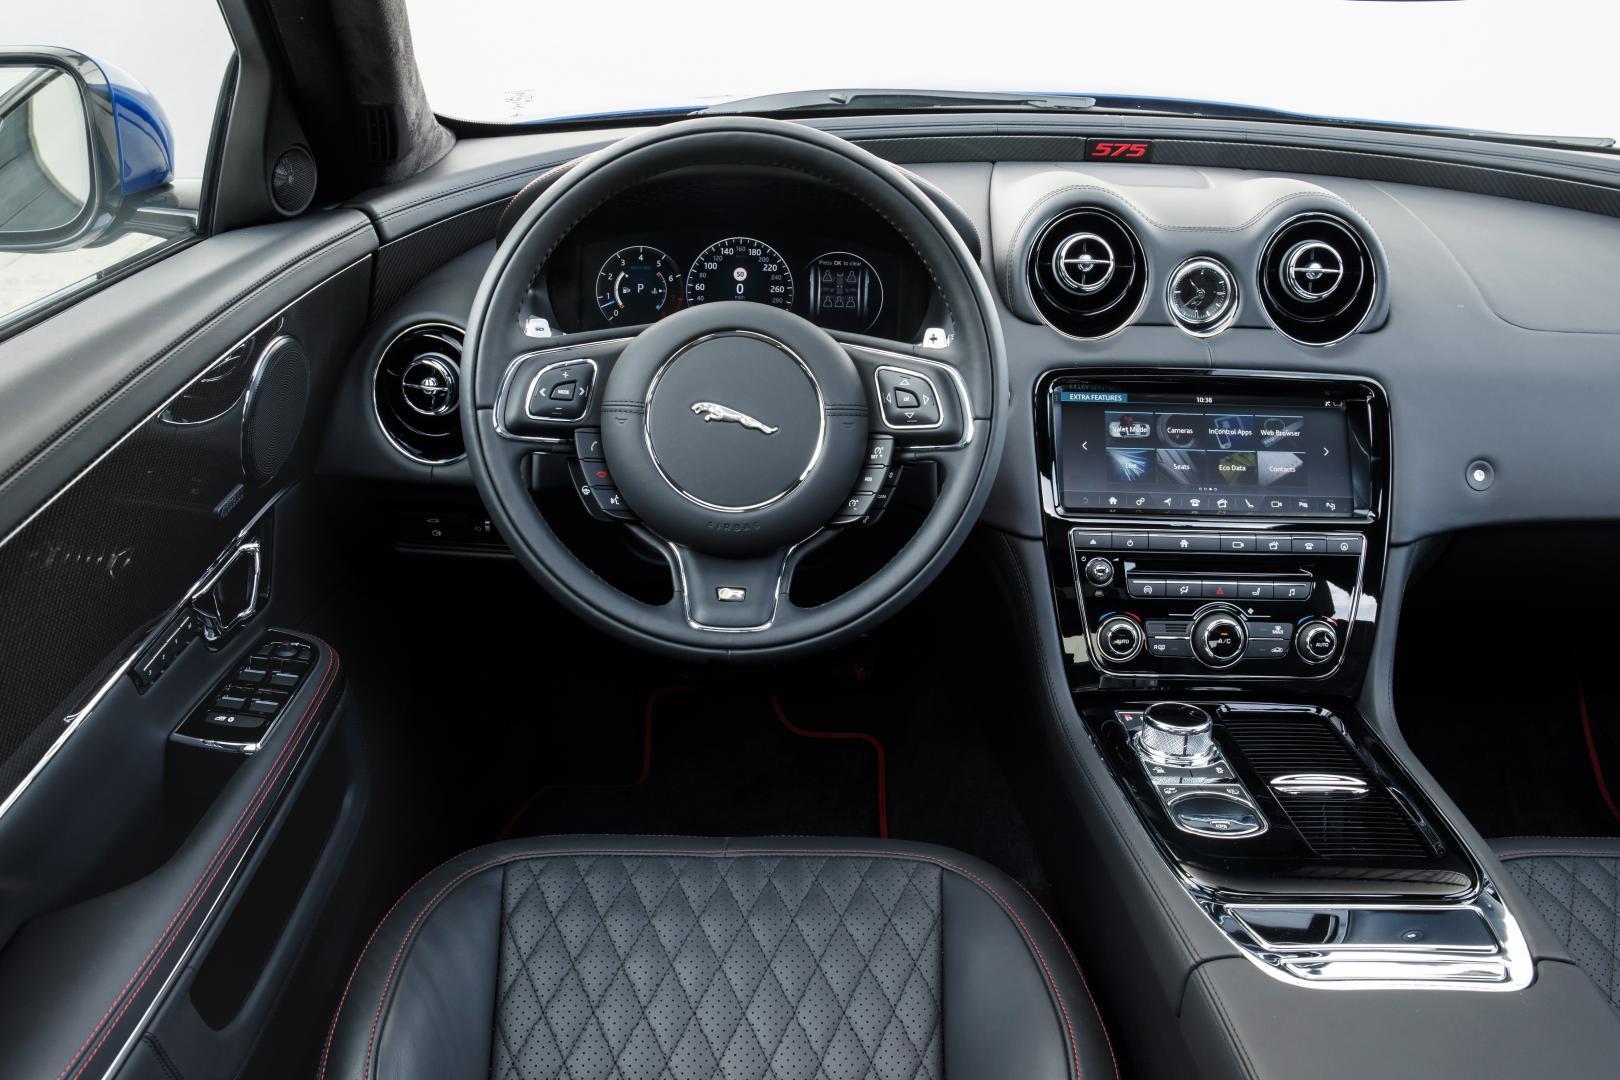 Jaguar XJR 575 LWB